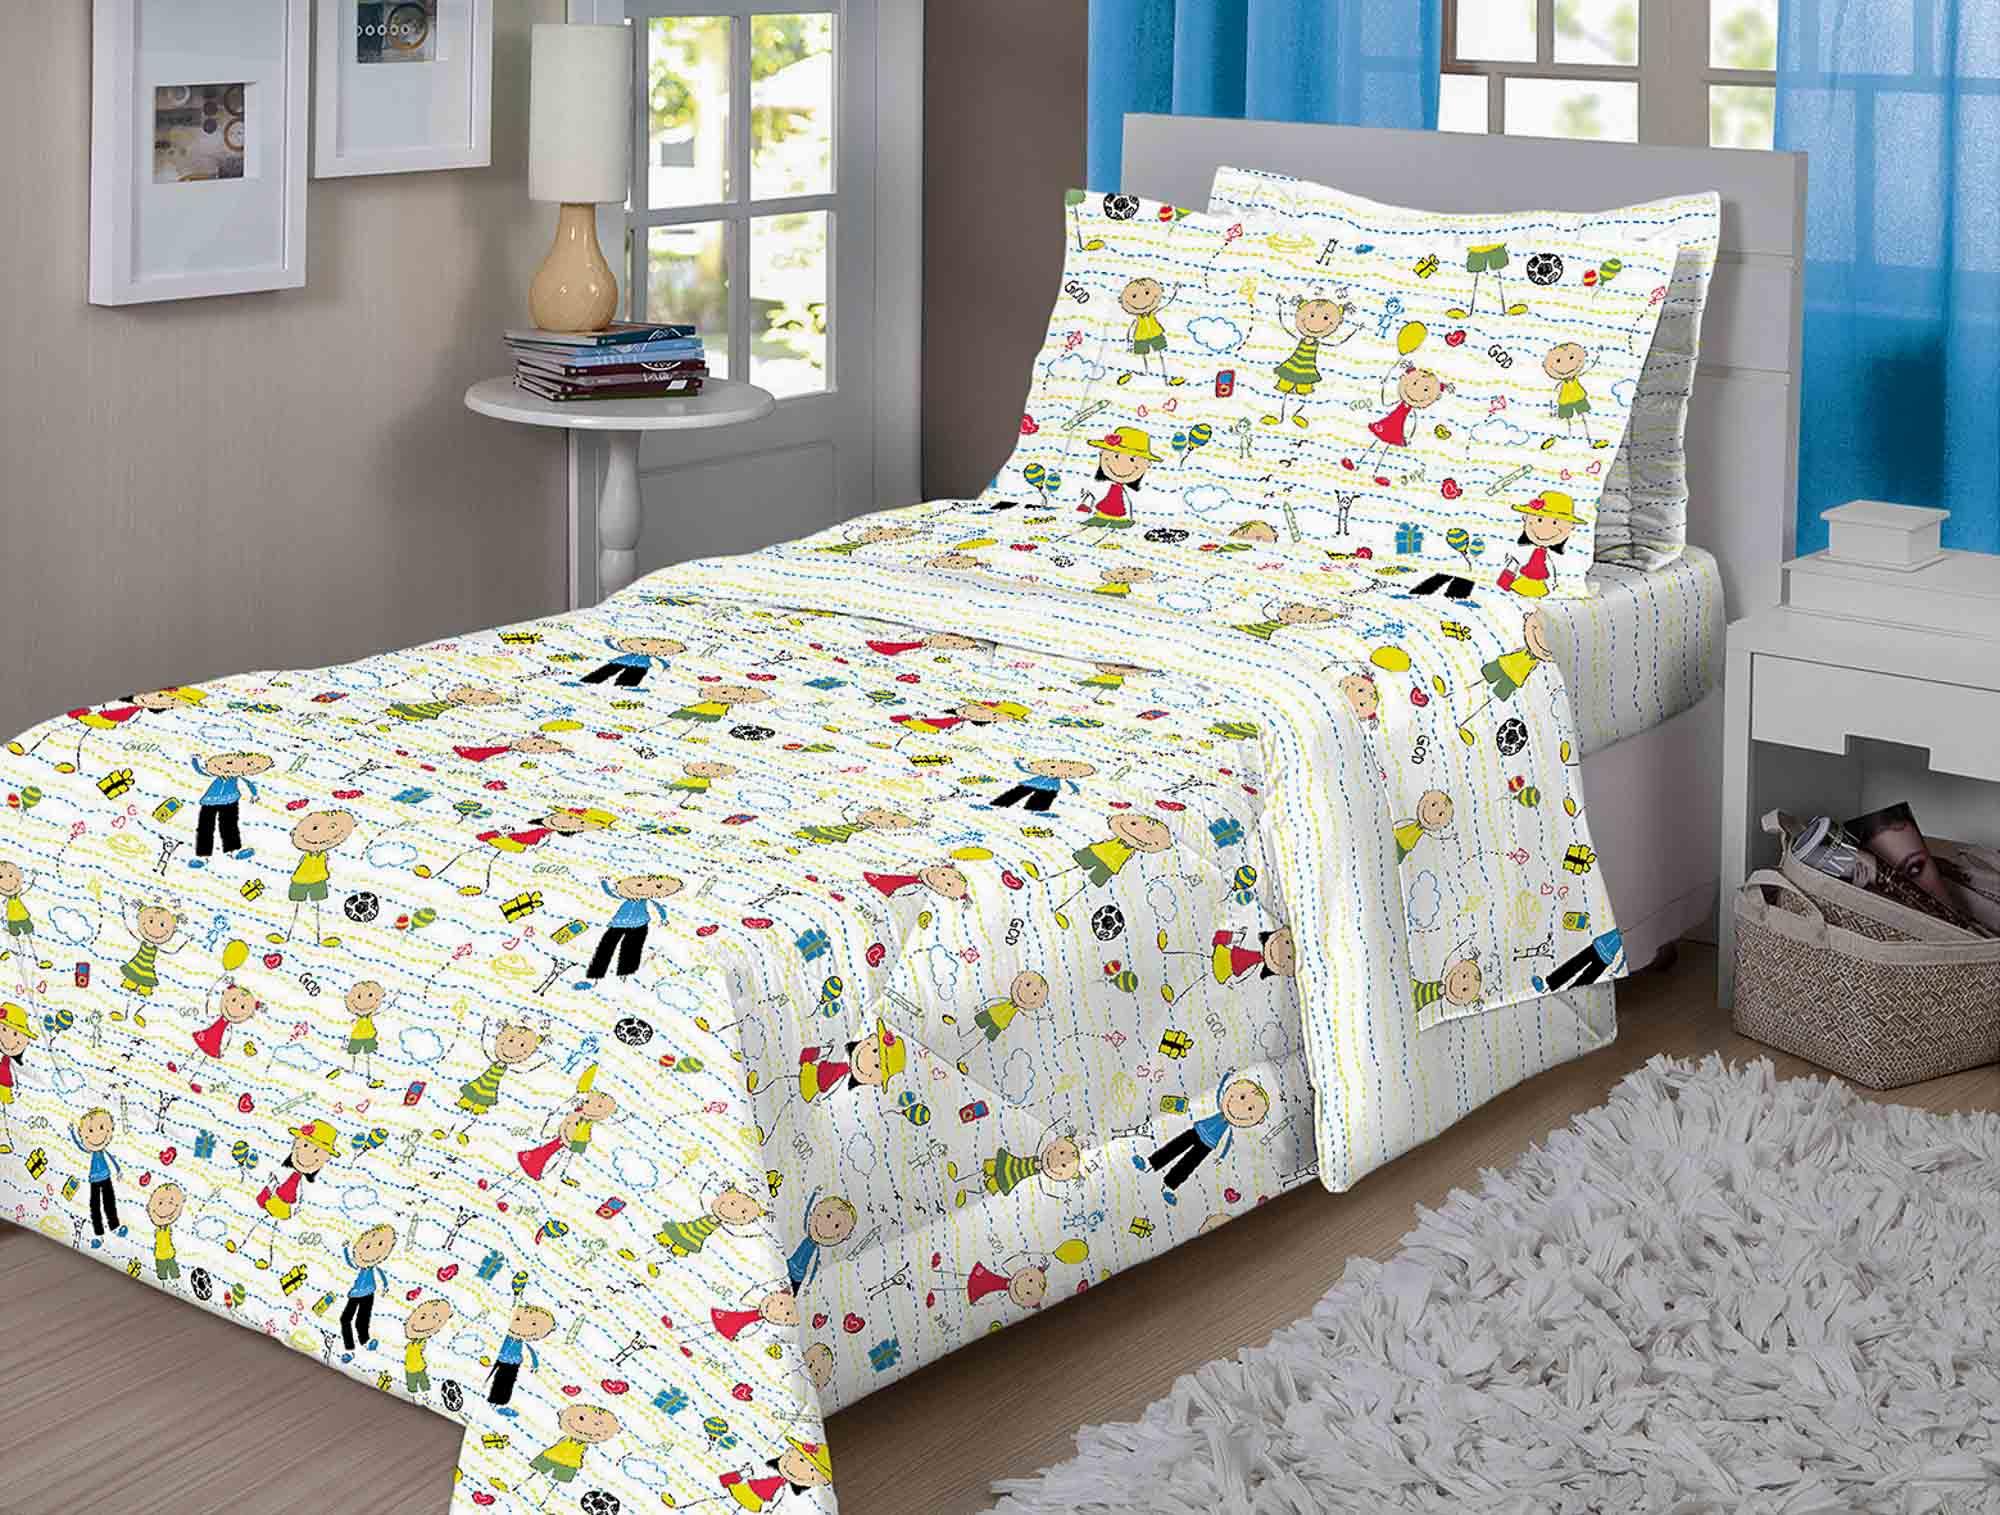 Jogo de Lençol Infantil 3 Peças 140 fios Kids Realce Premium Sultan 1,88 m x 0,88 m altura 30 cm